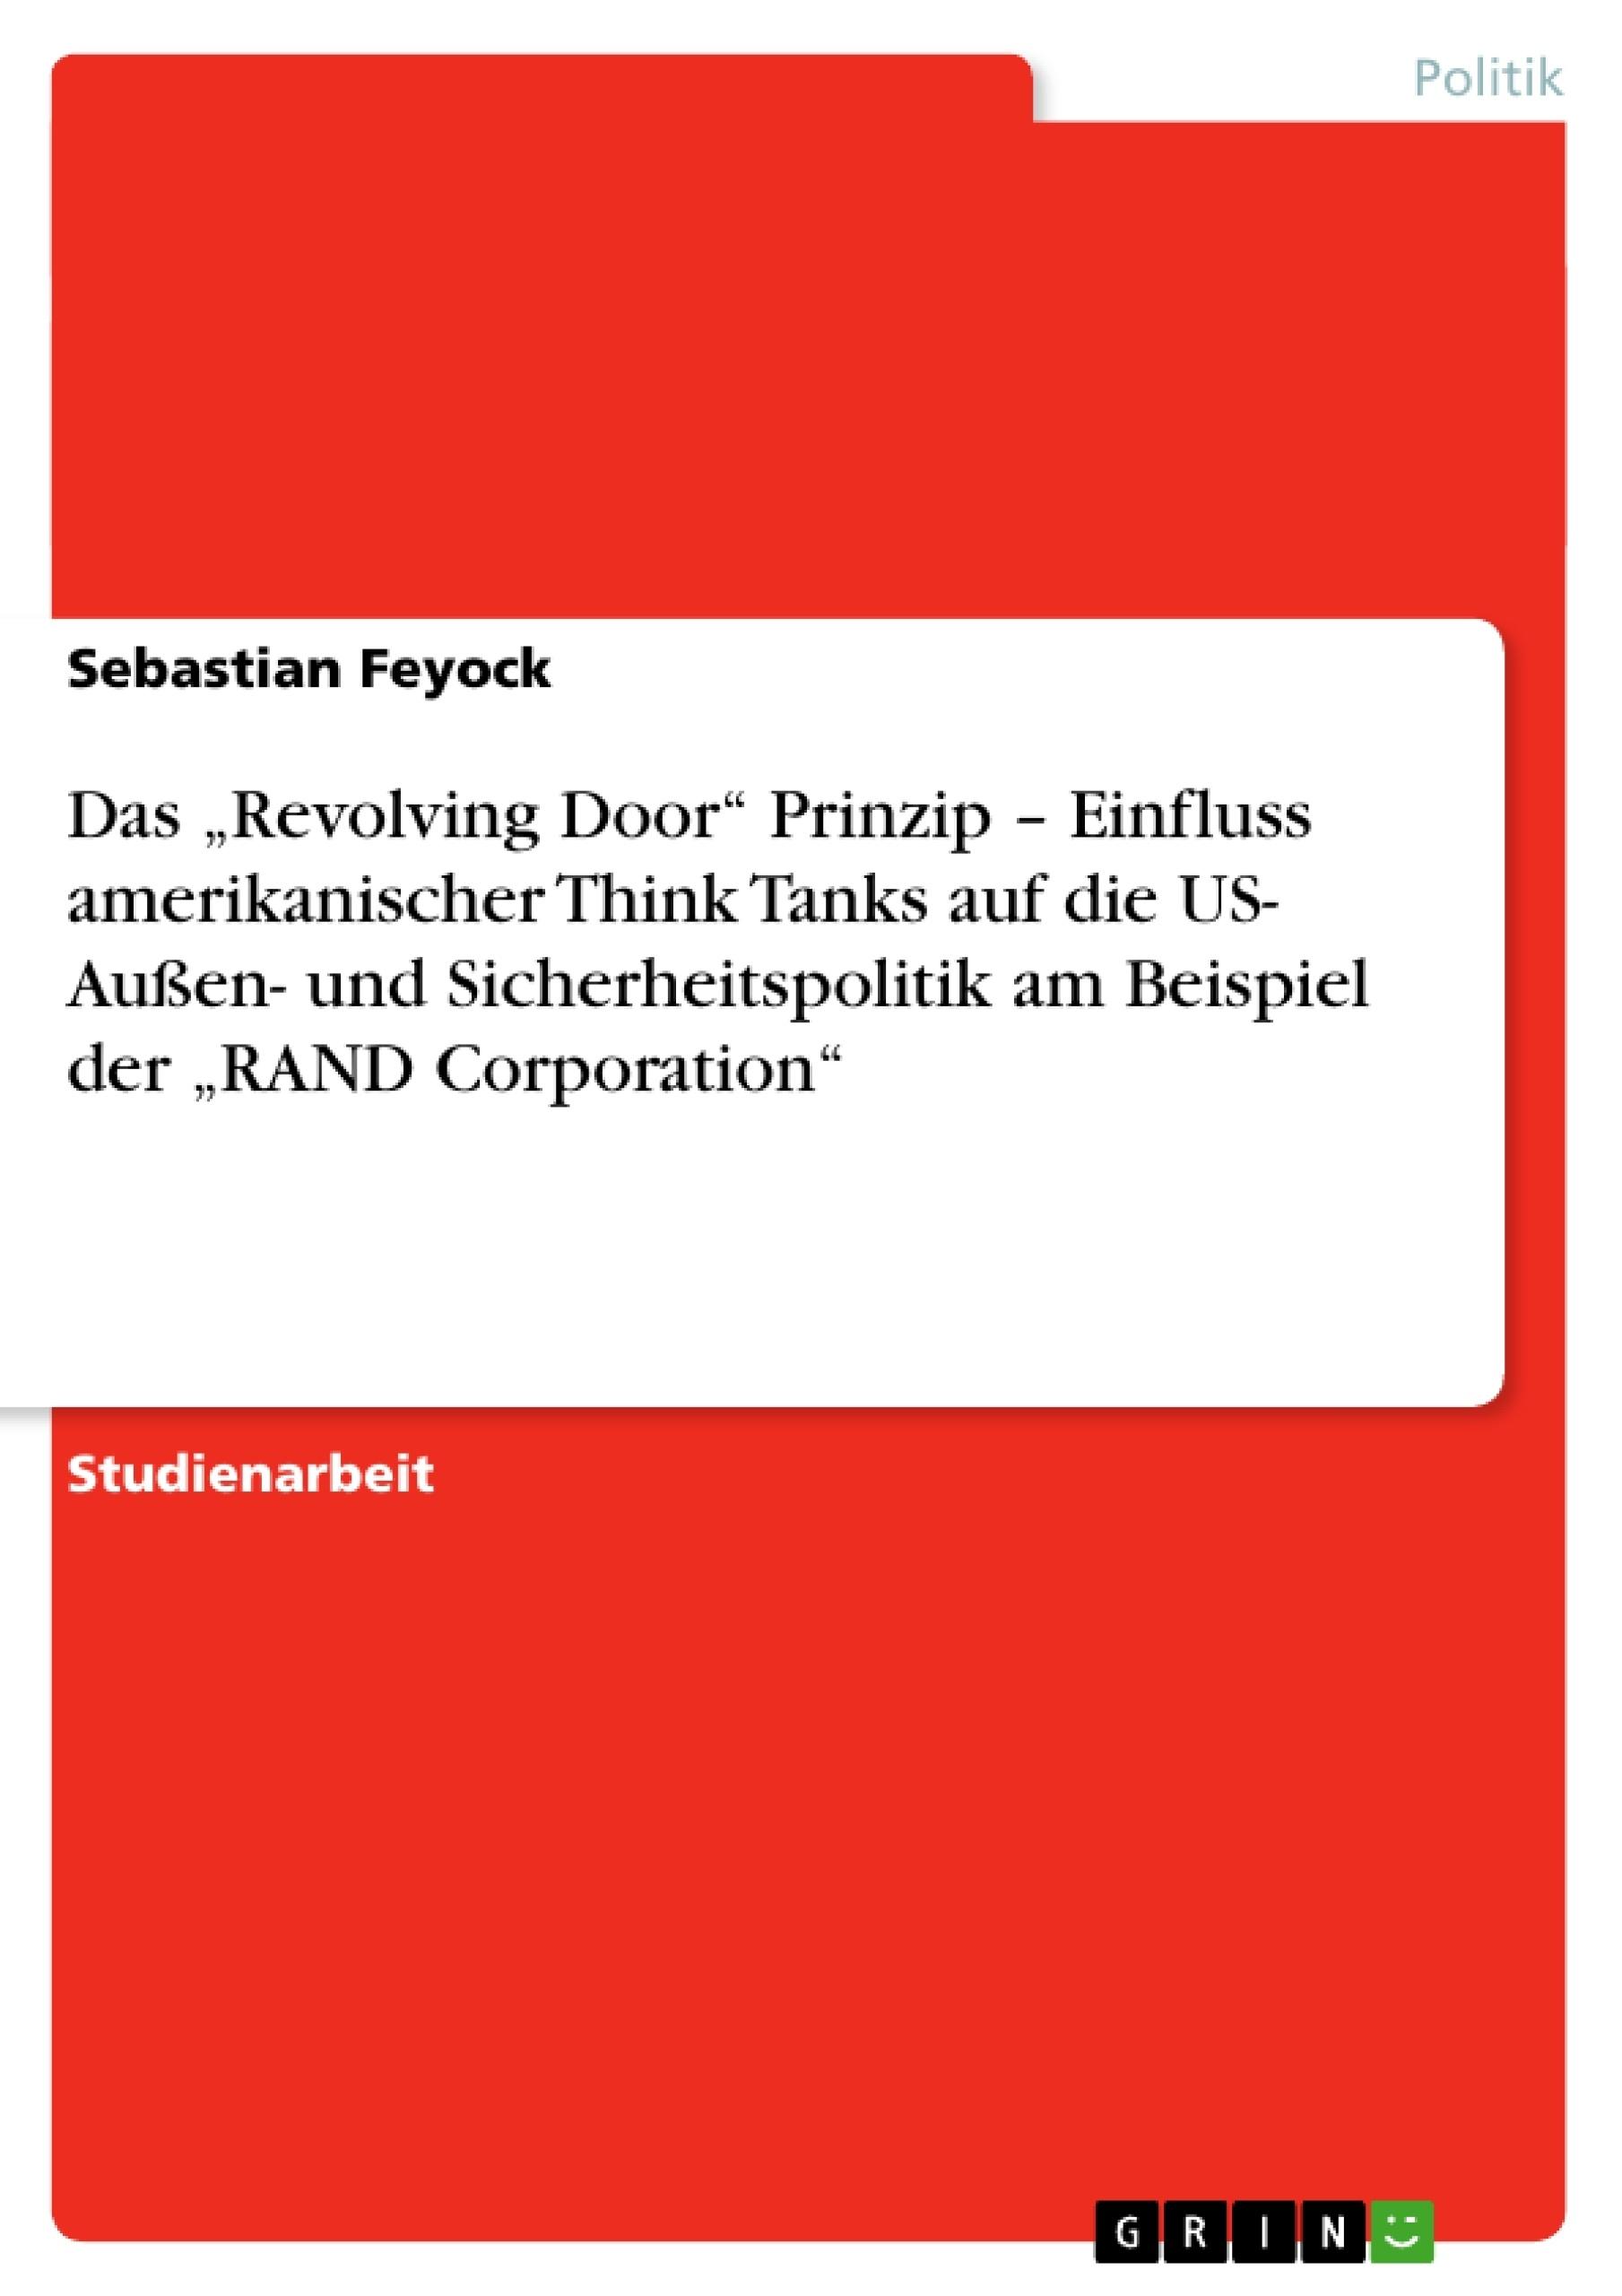 """Titel: Das """"Revolving Door"""" Prinzip – Einfluss amerikanischer Think Tanks auf die US- Außen- und Sicherheitspolitik am Beispiel der """"RAND Corporation"""""""